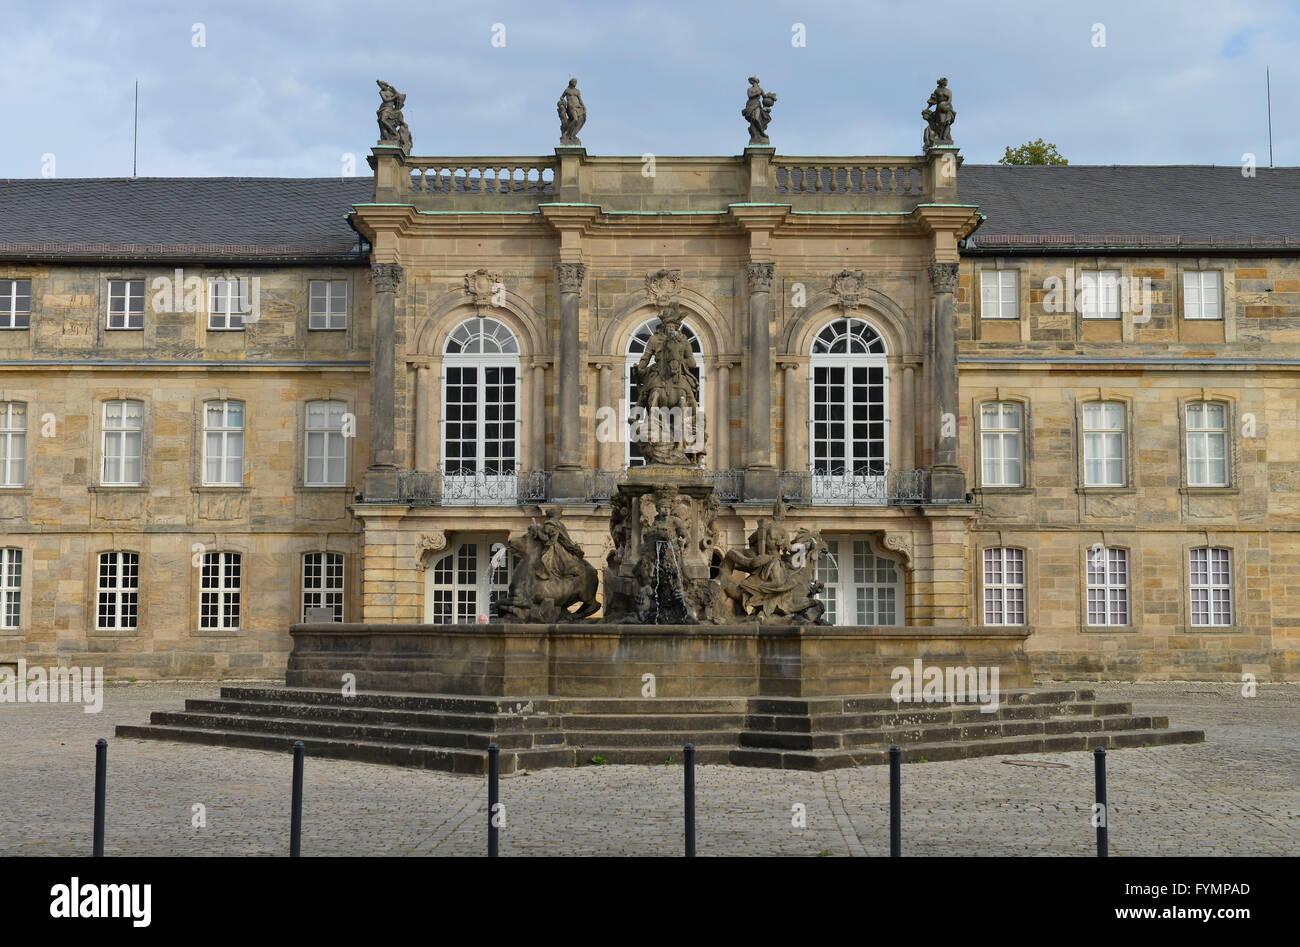 Neues Schloss, Ludwigstrasse, Bayreuth, Bayern, Deutschland - Stock Image